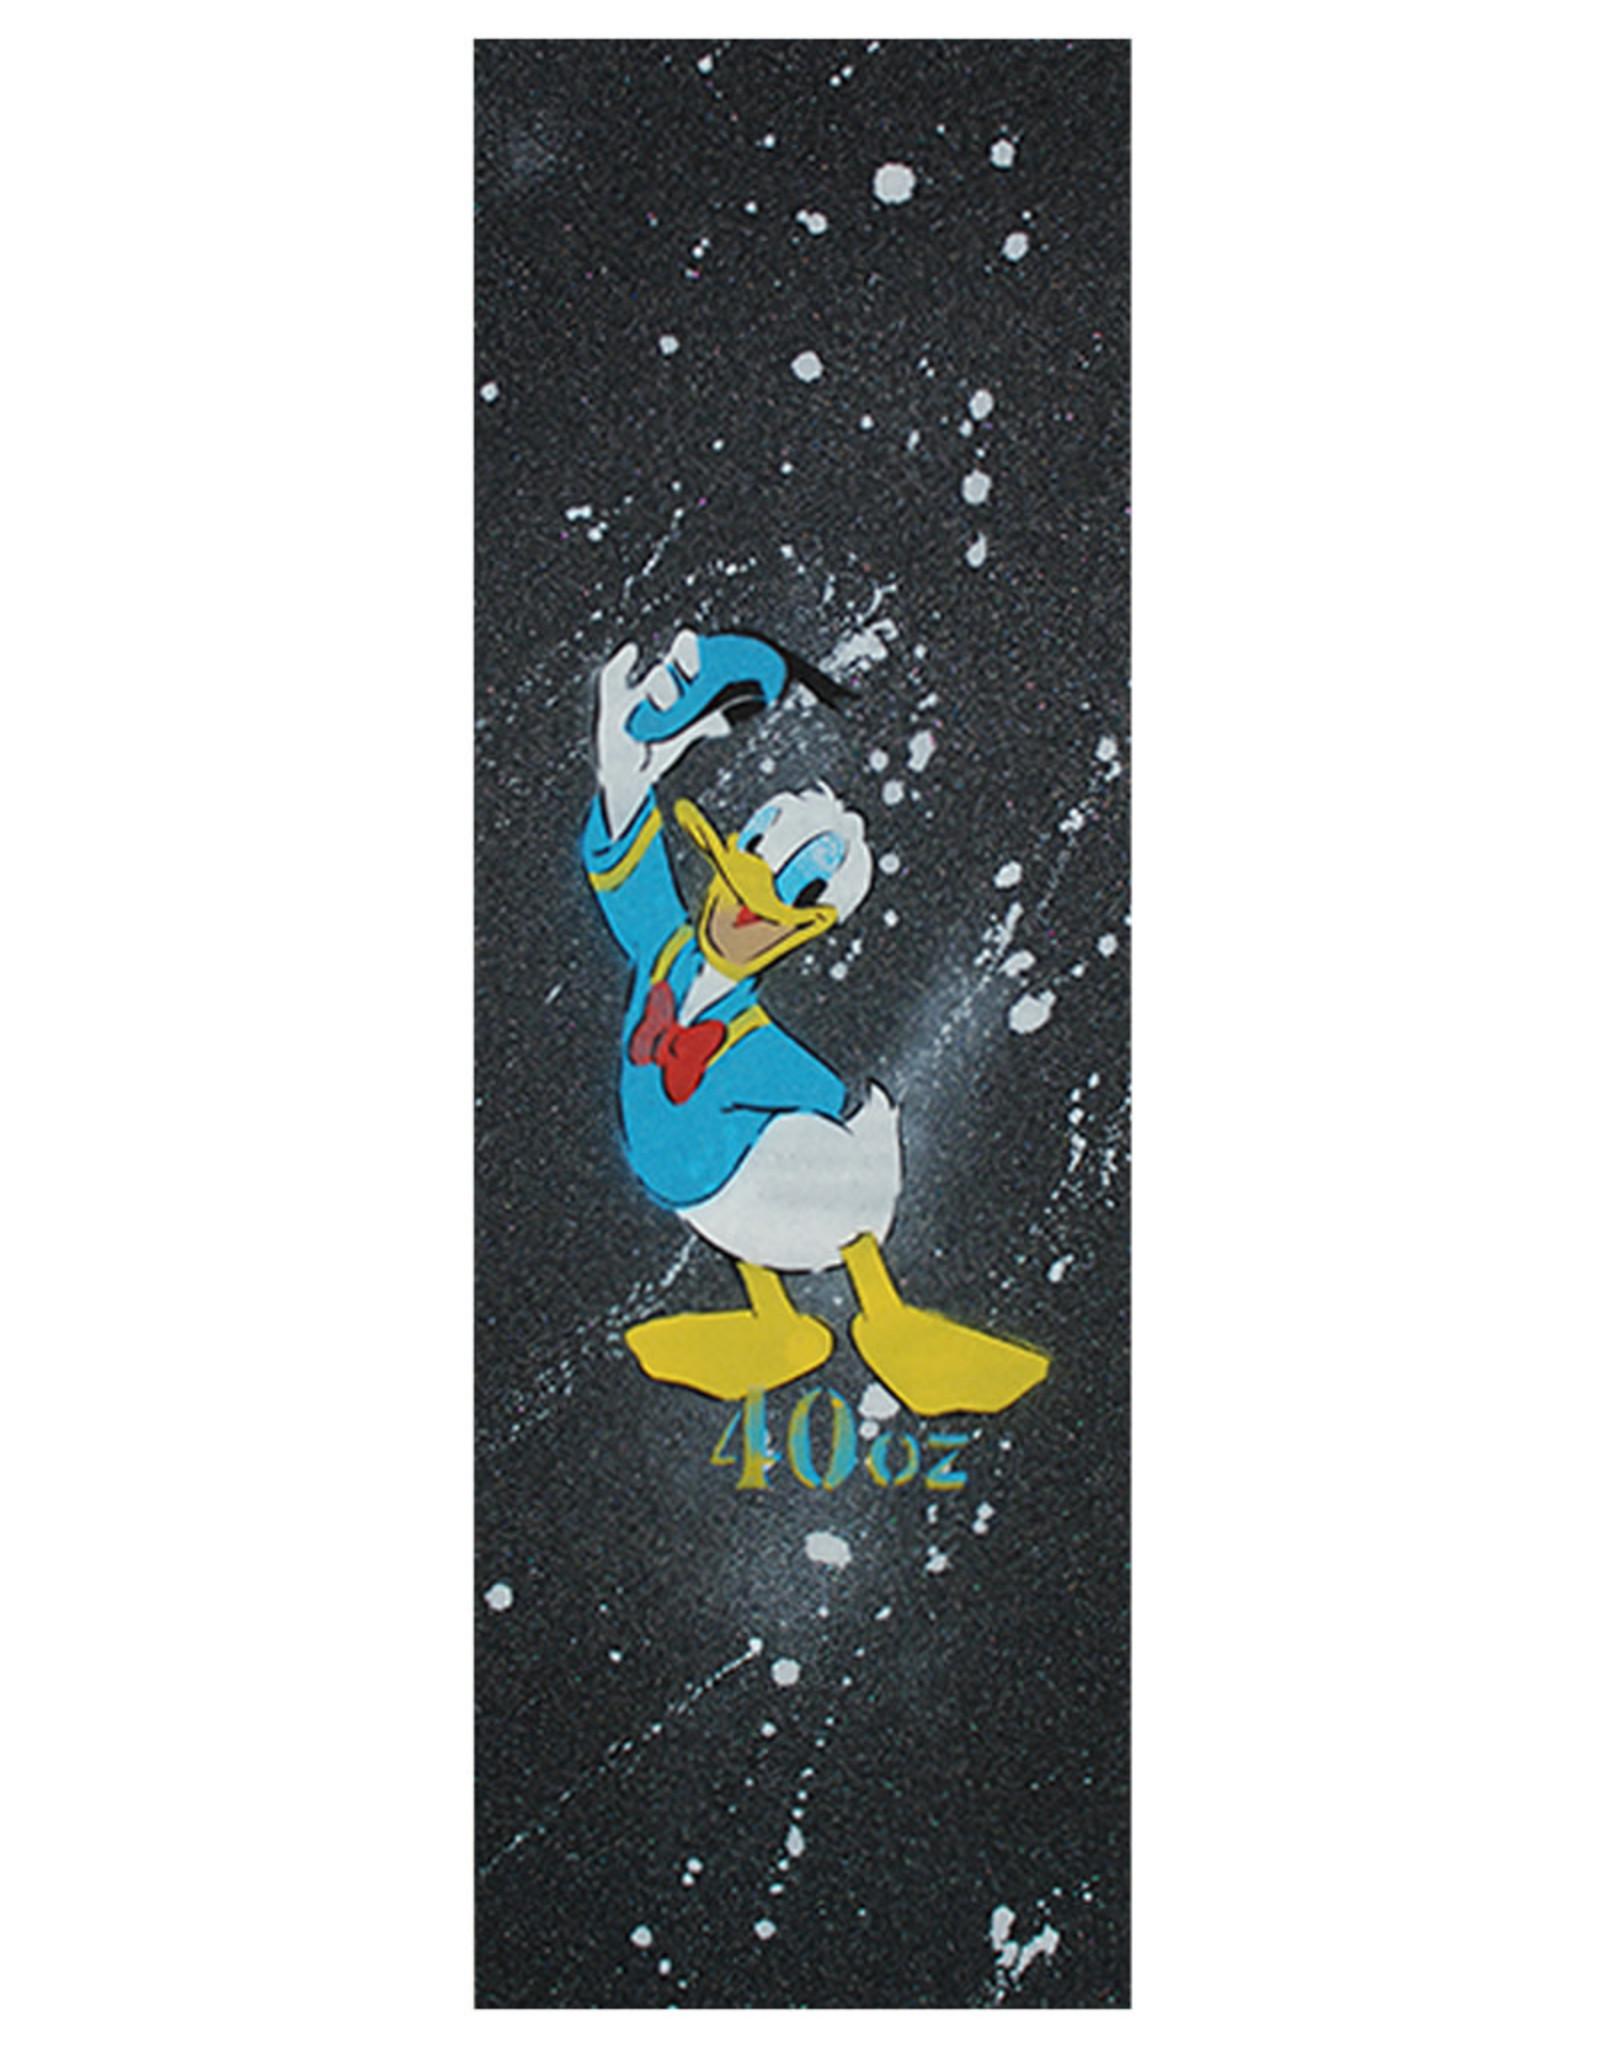 40 Ounce Grip 40 Ounce Grip (Donald Duck)